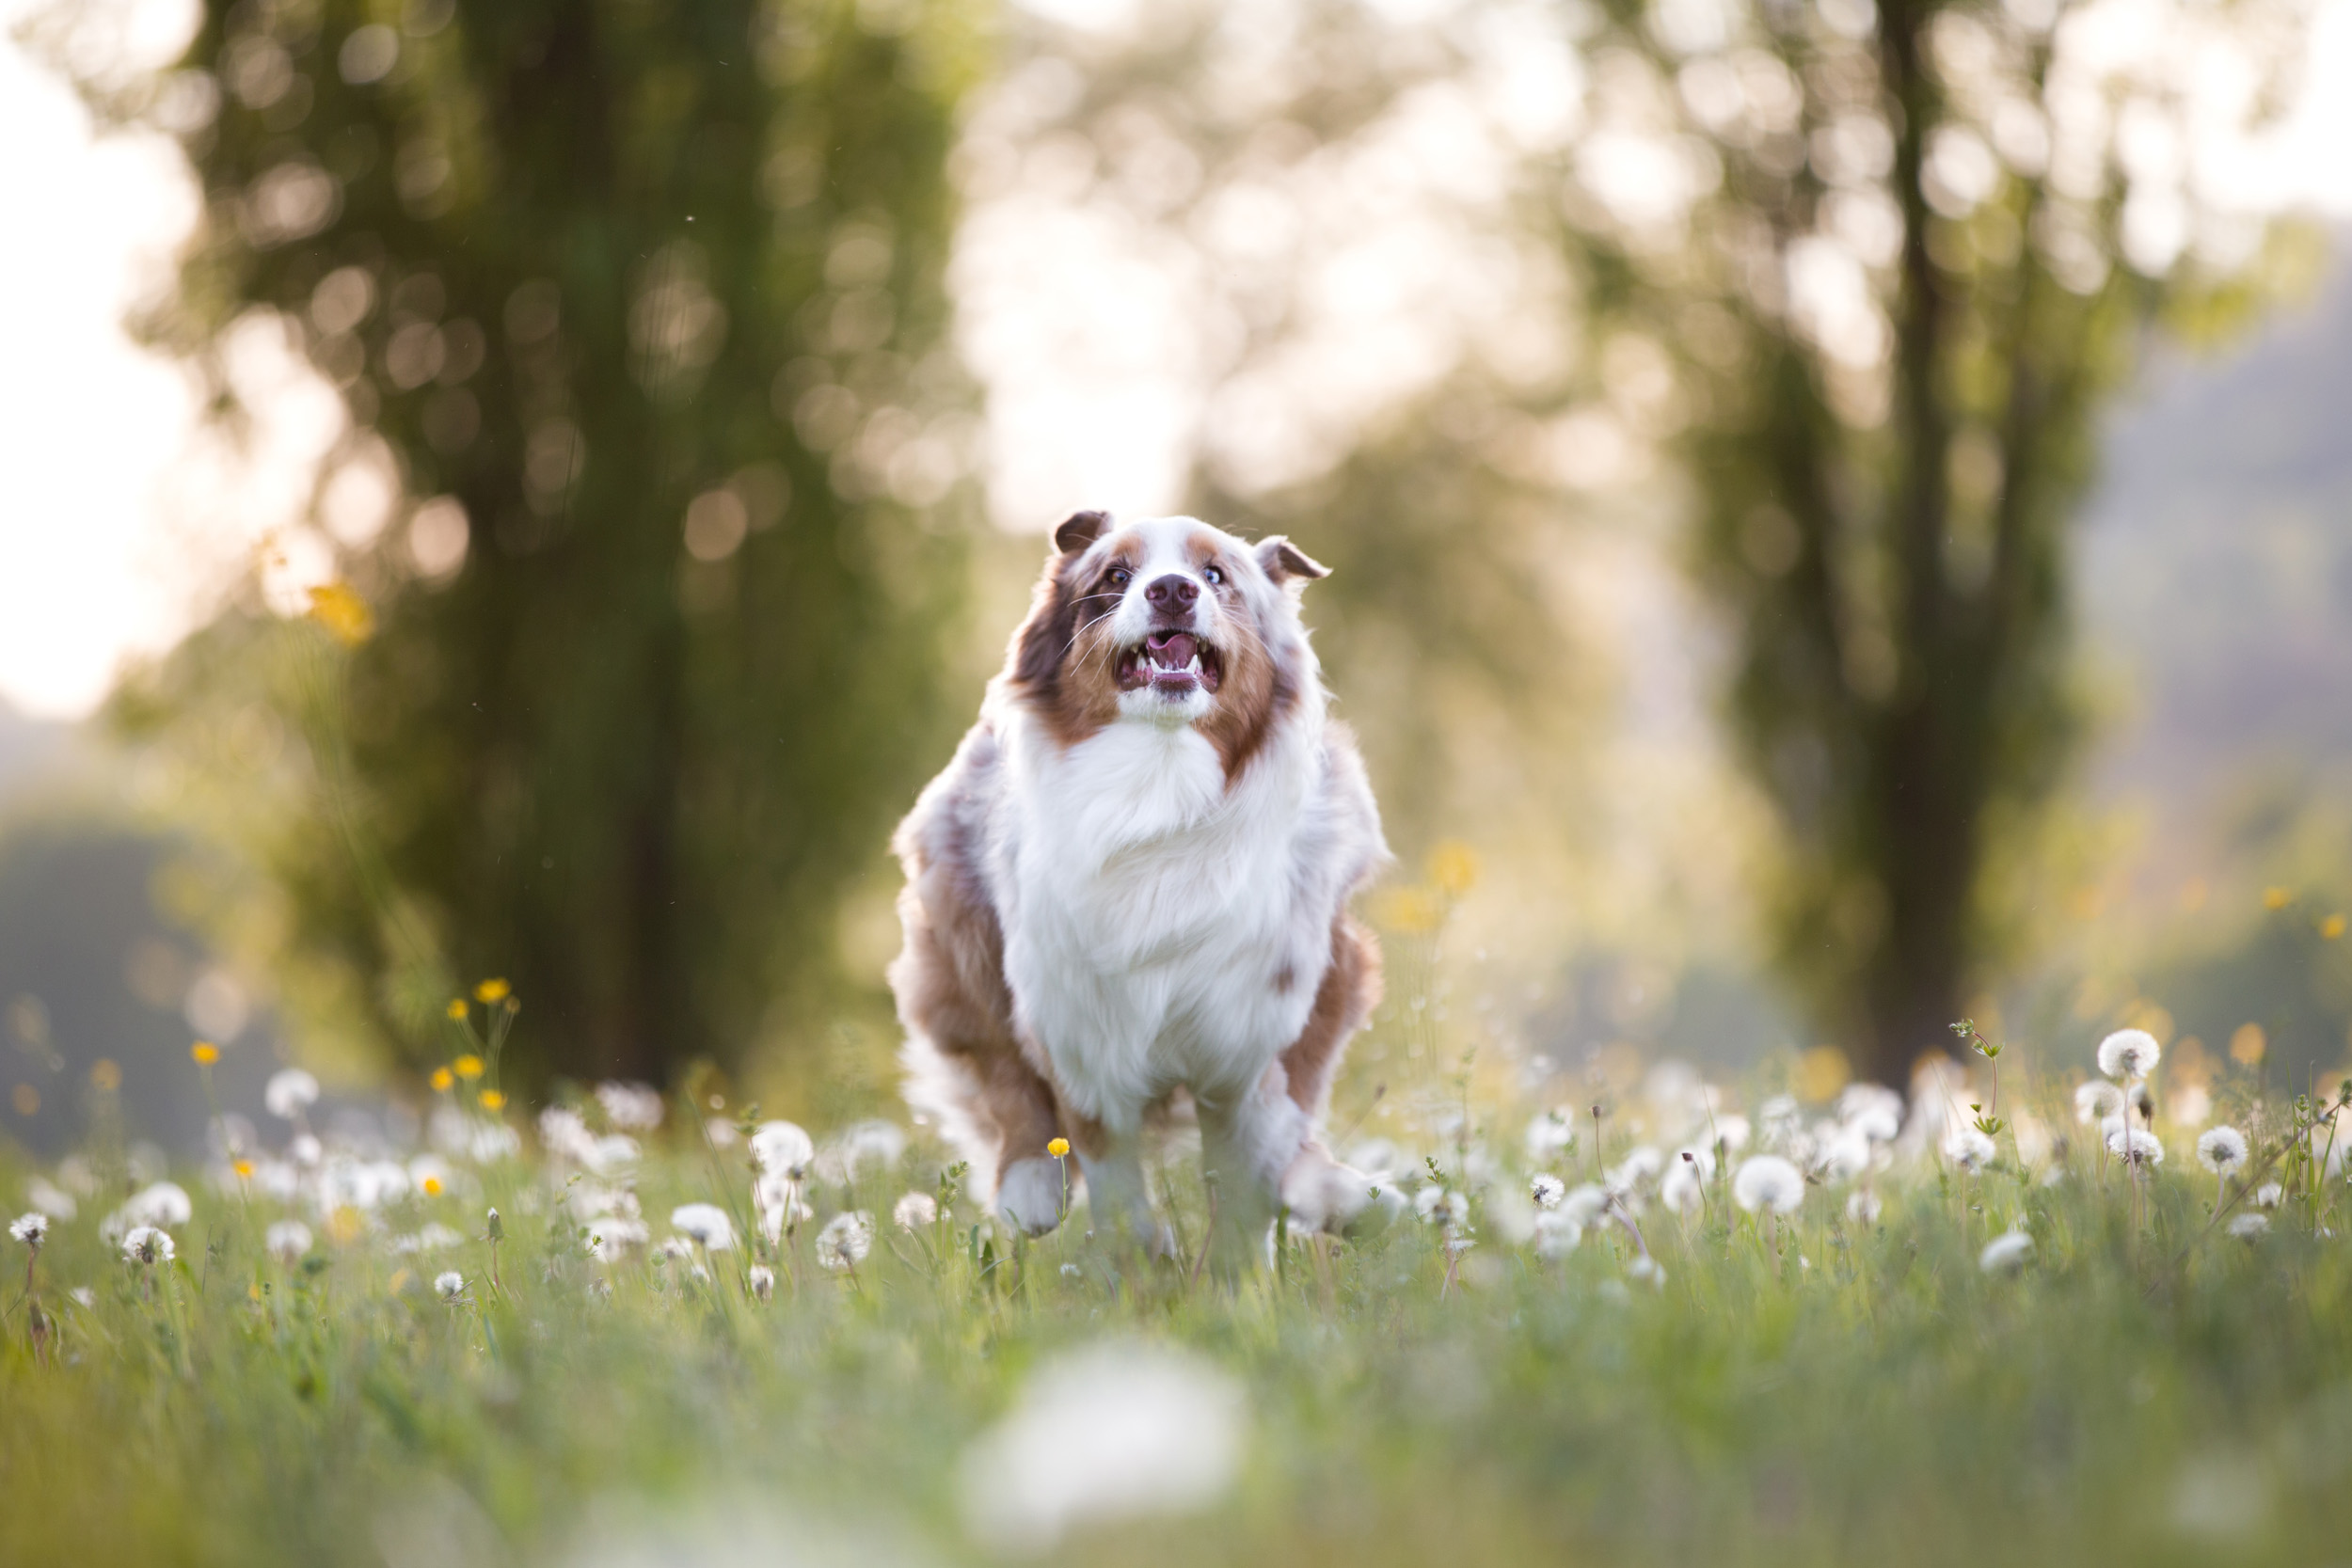 Maylo rennt wie ein Chaot durchs Pusteblumengras